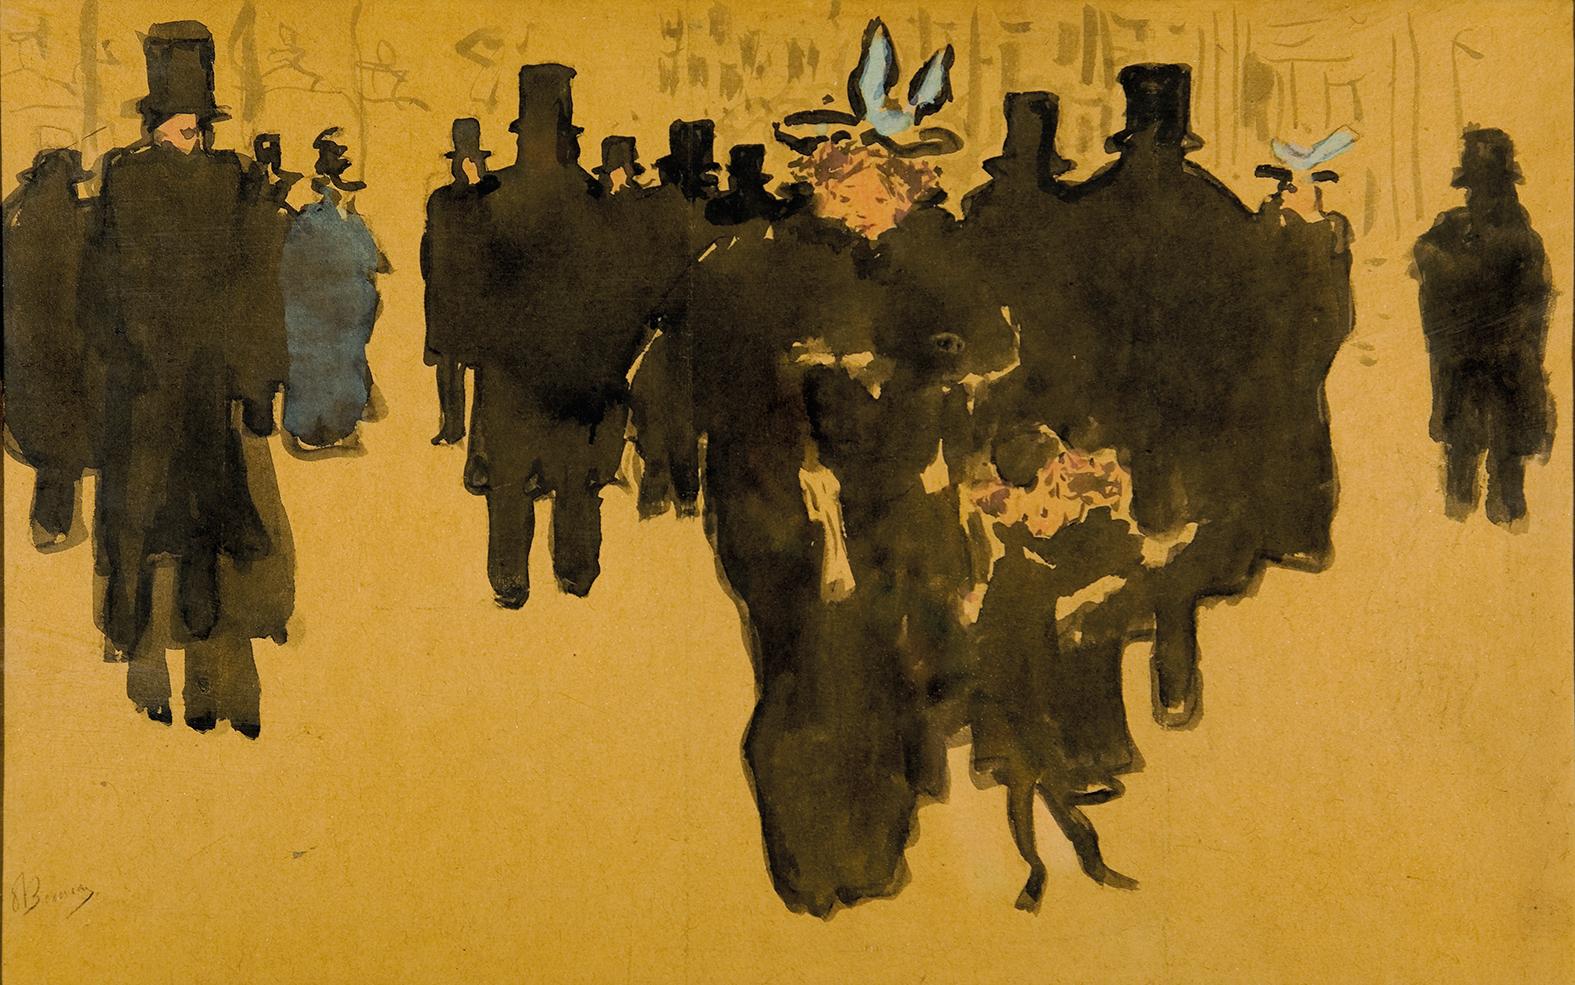 Pierre Bonnard, Les Grands Boulevards, vers 1895 - Touspourunbonnard, collecte participative d'acquisition par le Musee Bonnard du Cannet